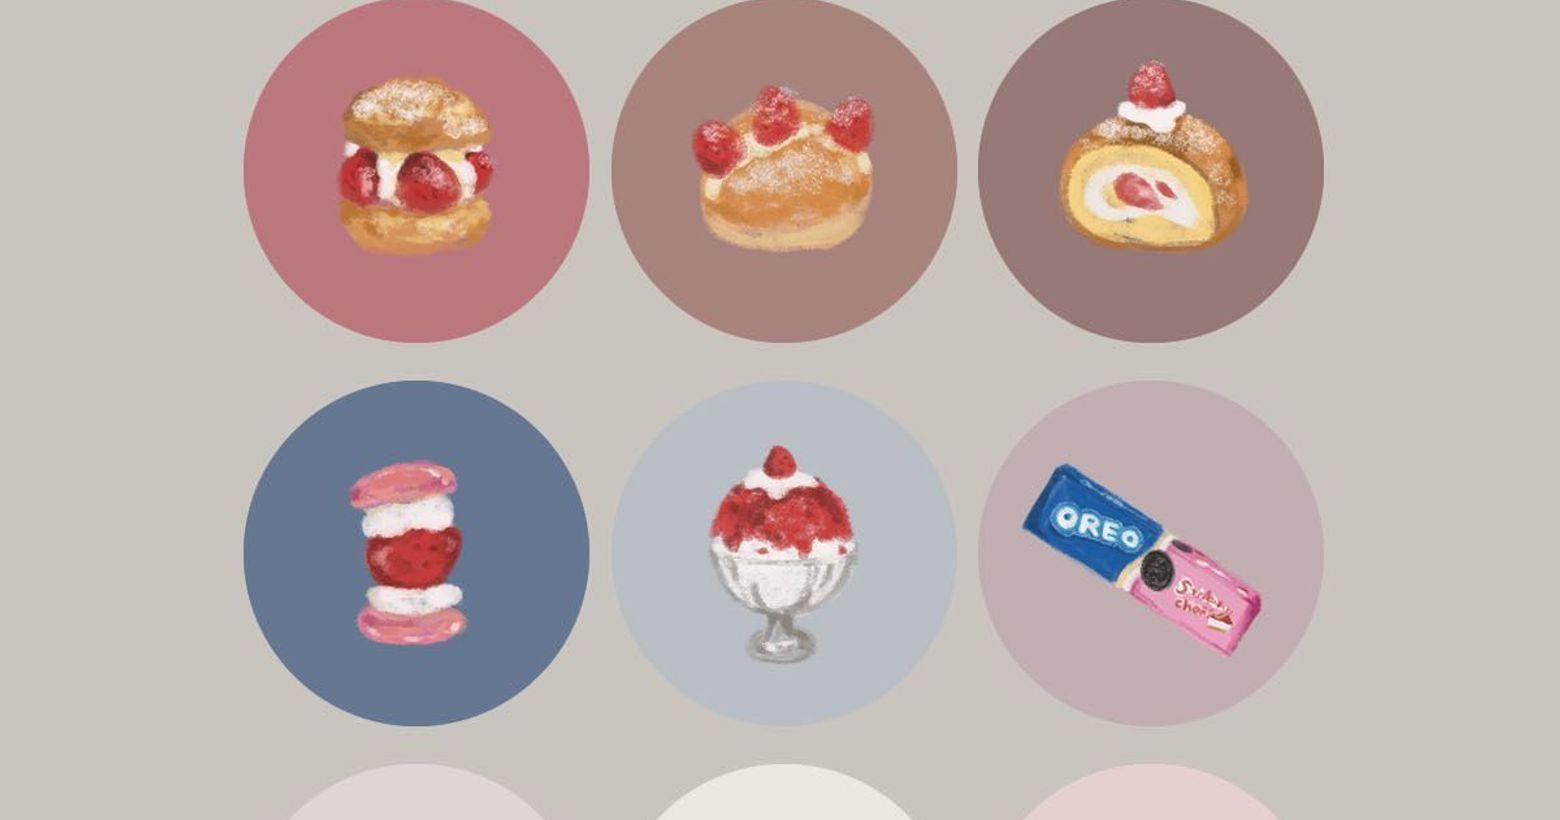 9款 🍓//超夯草莓季限定款IG封面小圖//🍓最喜歡草莓季拉~~每到草莓季,到處就可以看到滿滿的